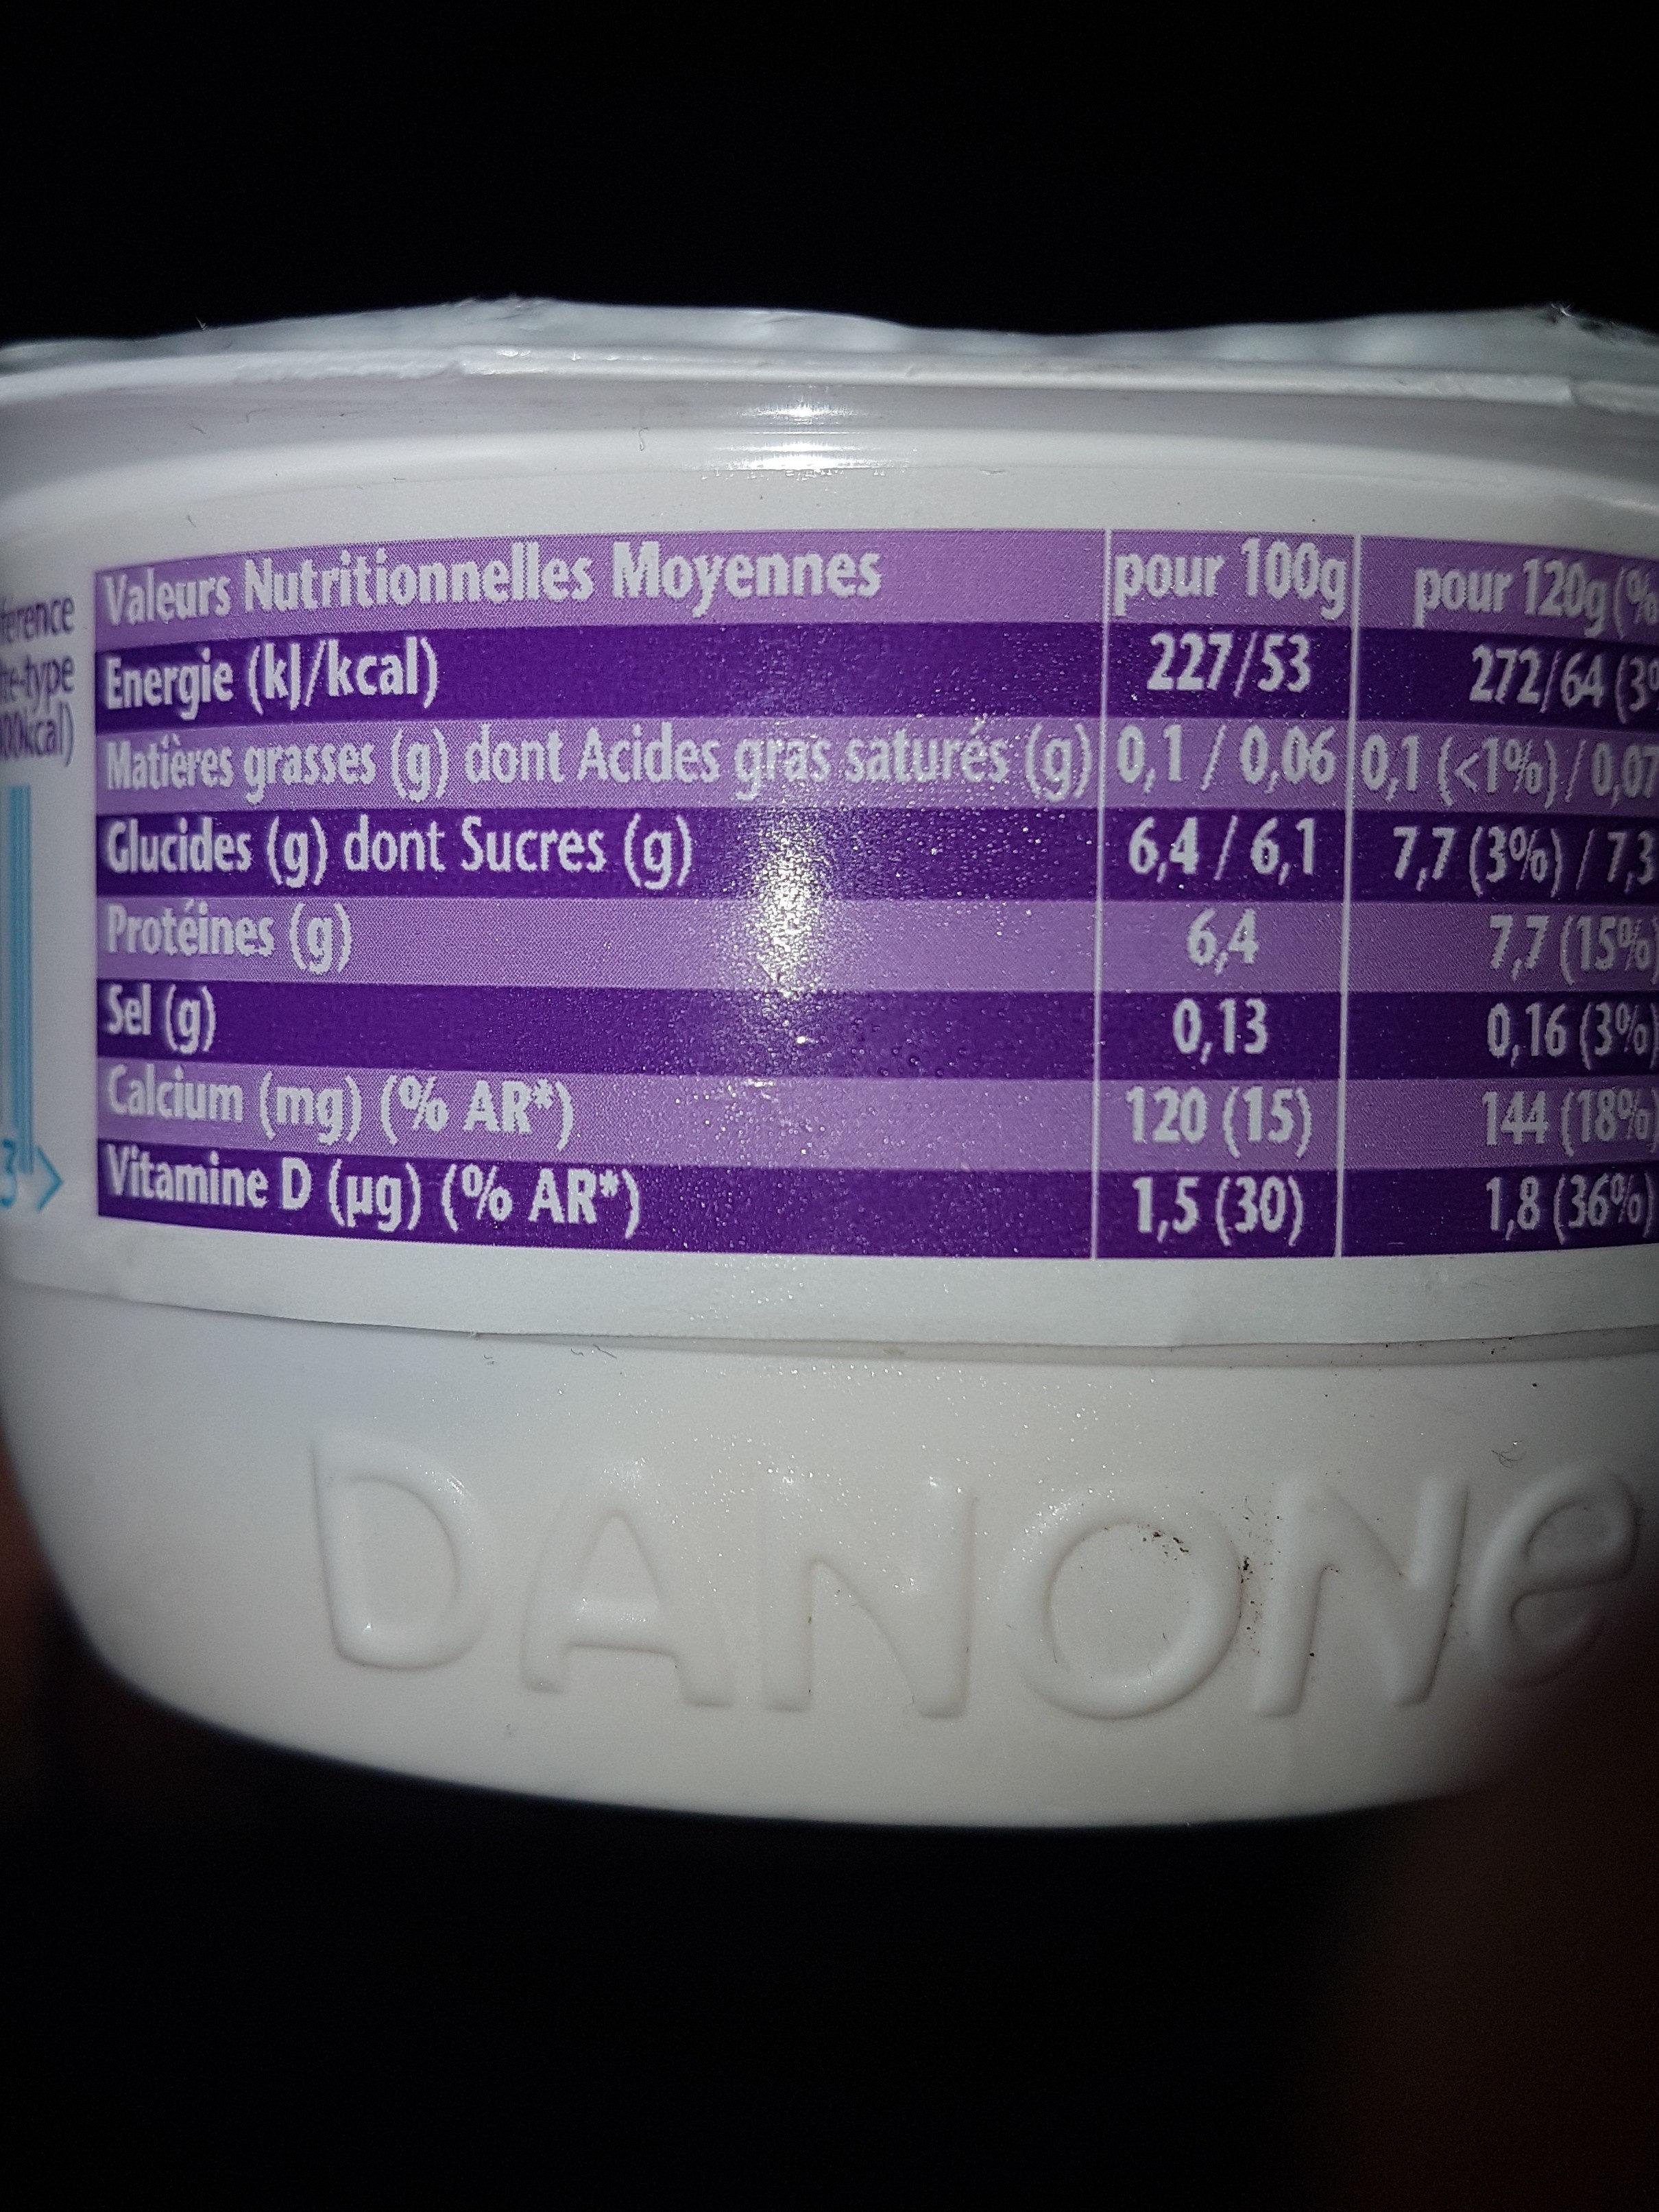 Taillefine recette au fromage blanc pêche - Informations nutritionnelles - fr